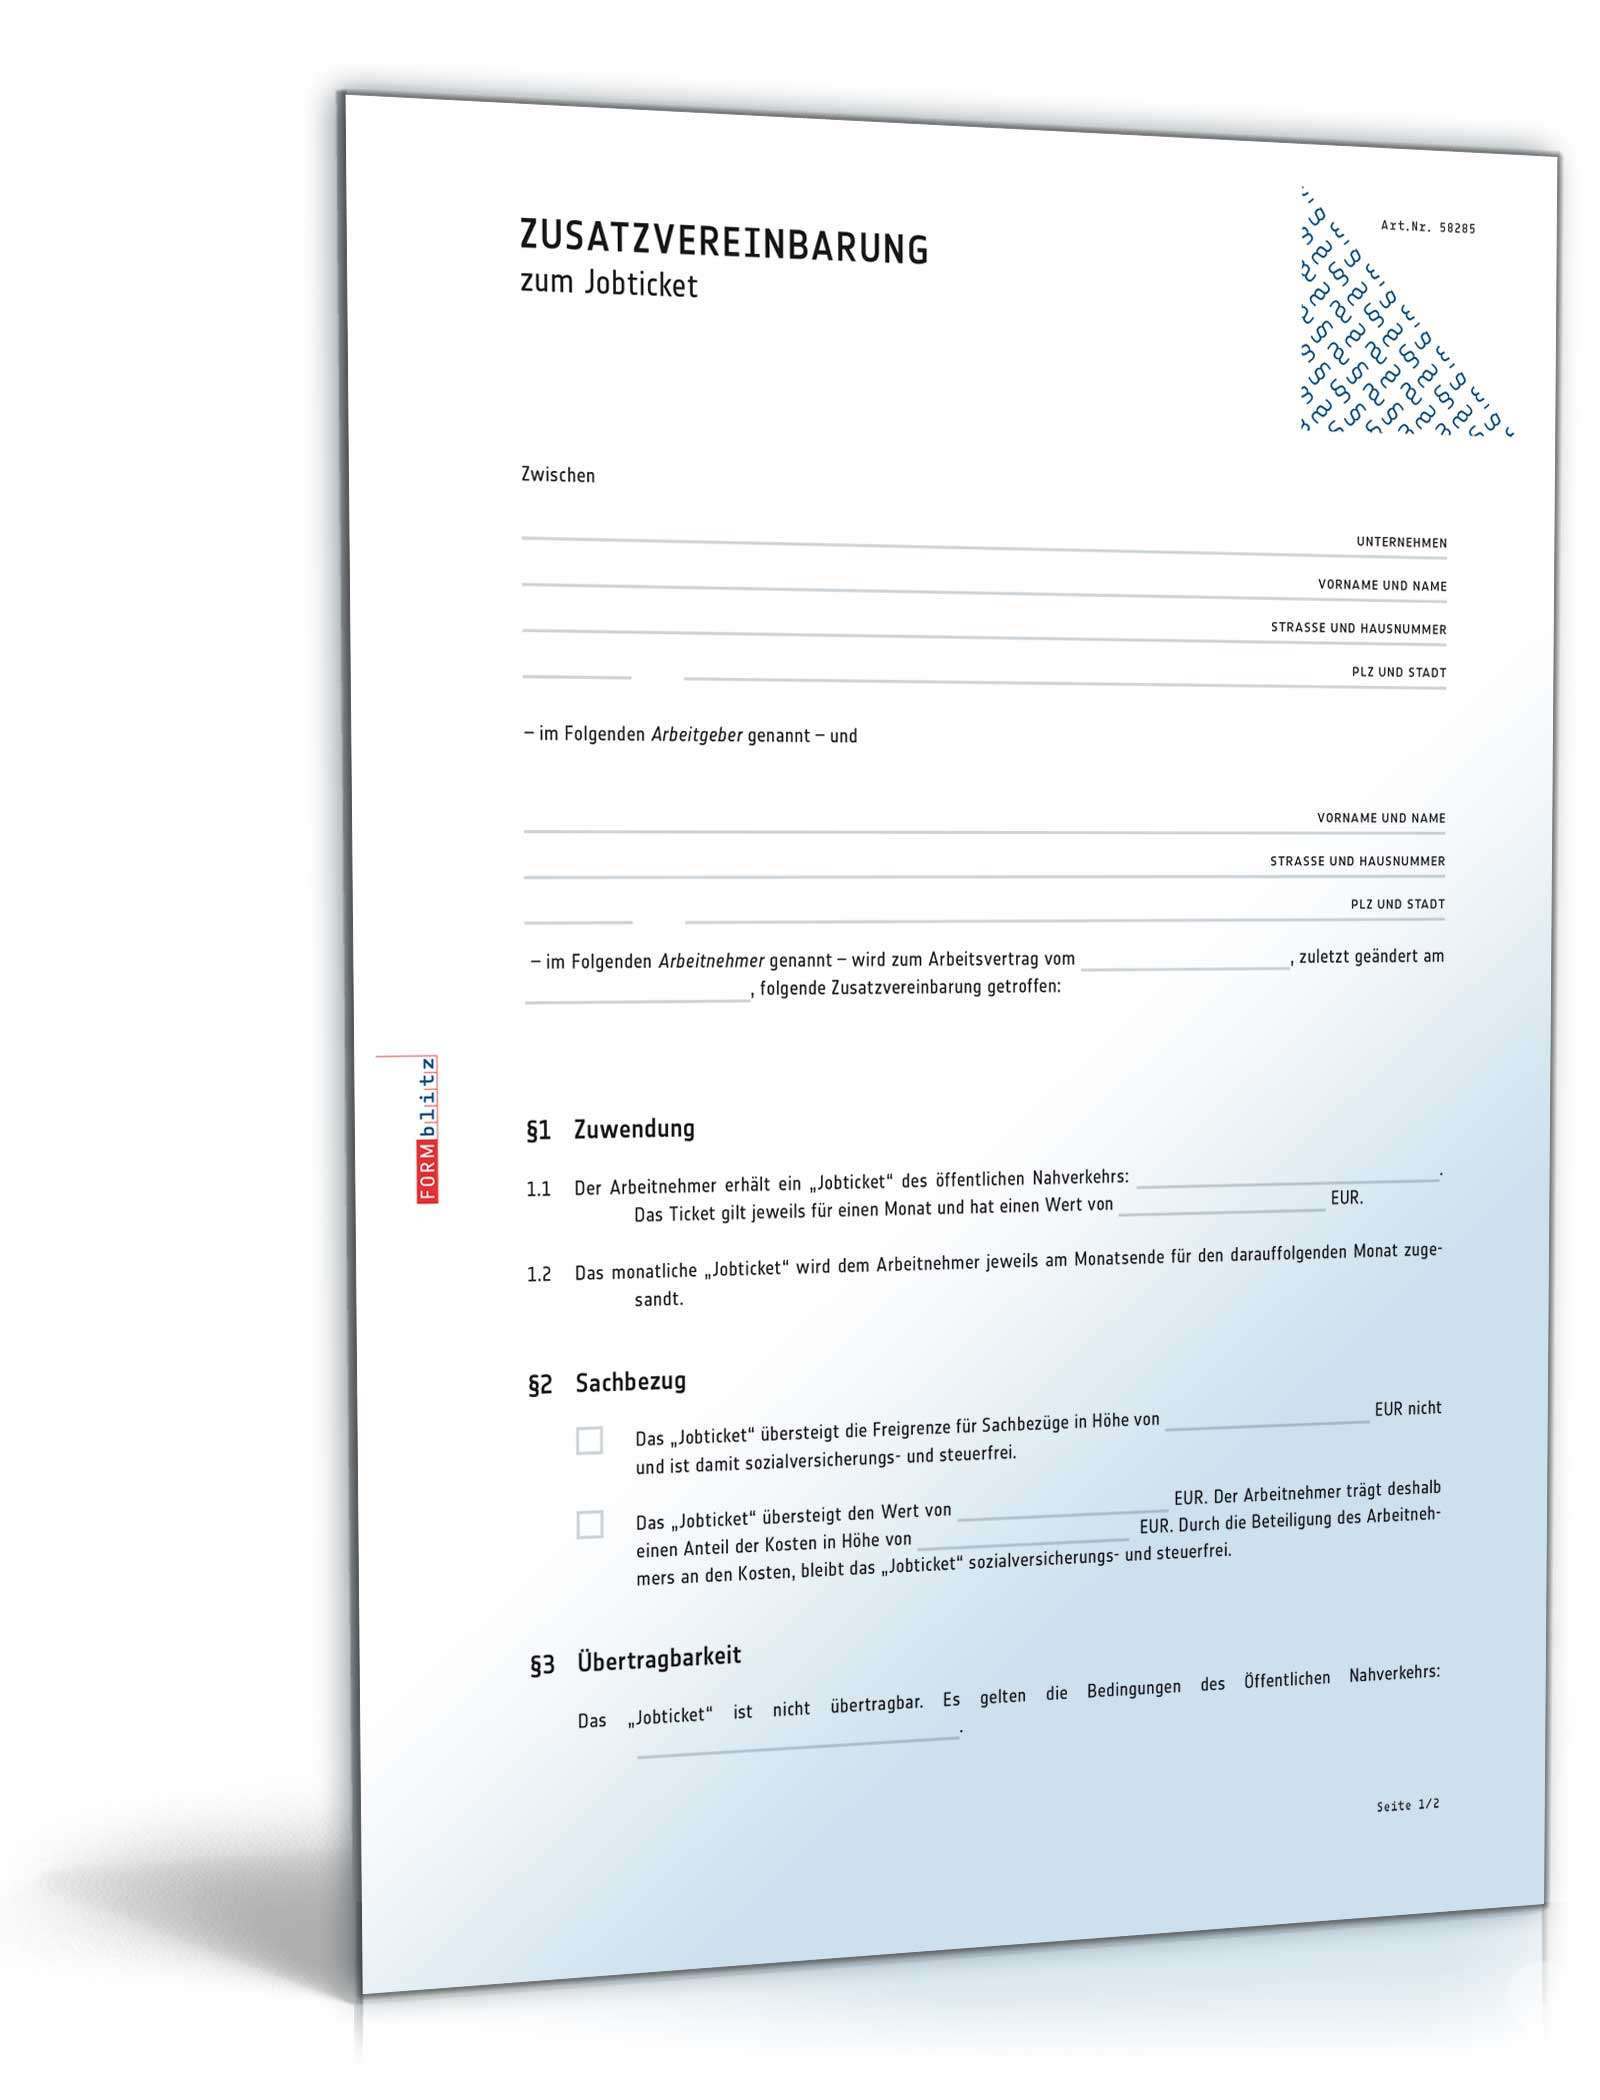 Musterbriefe Lohnerhöhung : Zusatzvereinbarung zum jobticket muster download